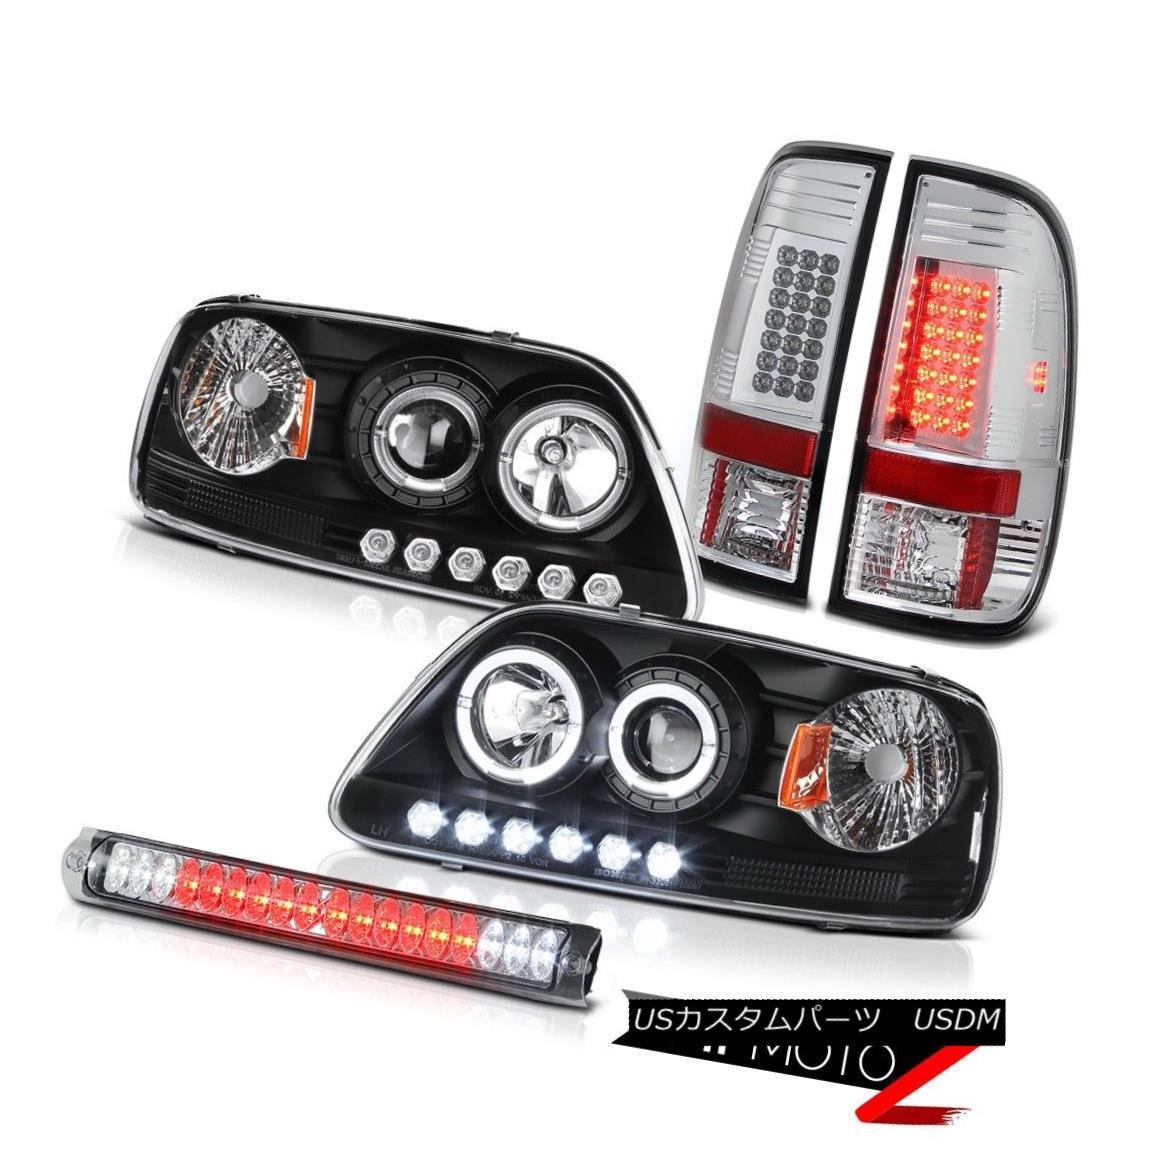 テールライト LED Daytime Projector Headlight Taillamp Third Brake Light F150 Triton 1997-2003 LED昼間プロジェクターヘッドライトテールランプ第3ブレーキライトF150トリトン1997-2003